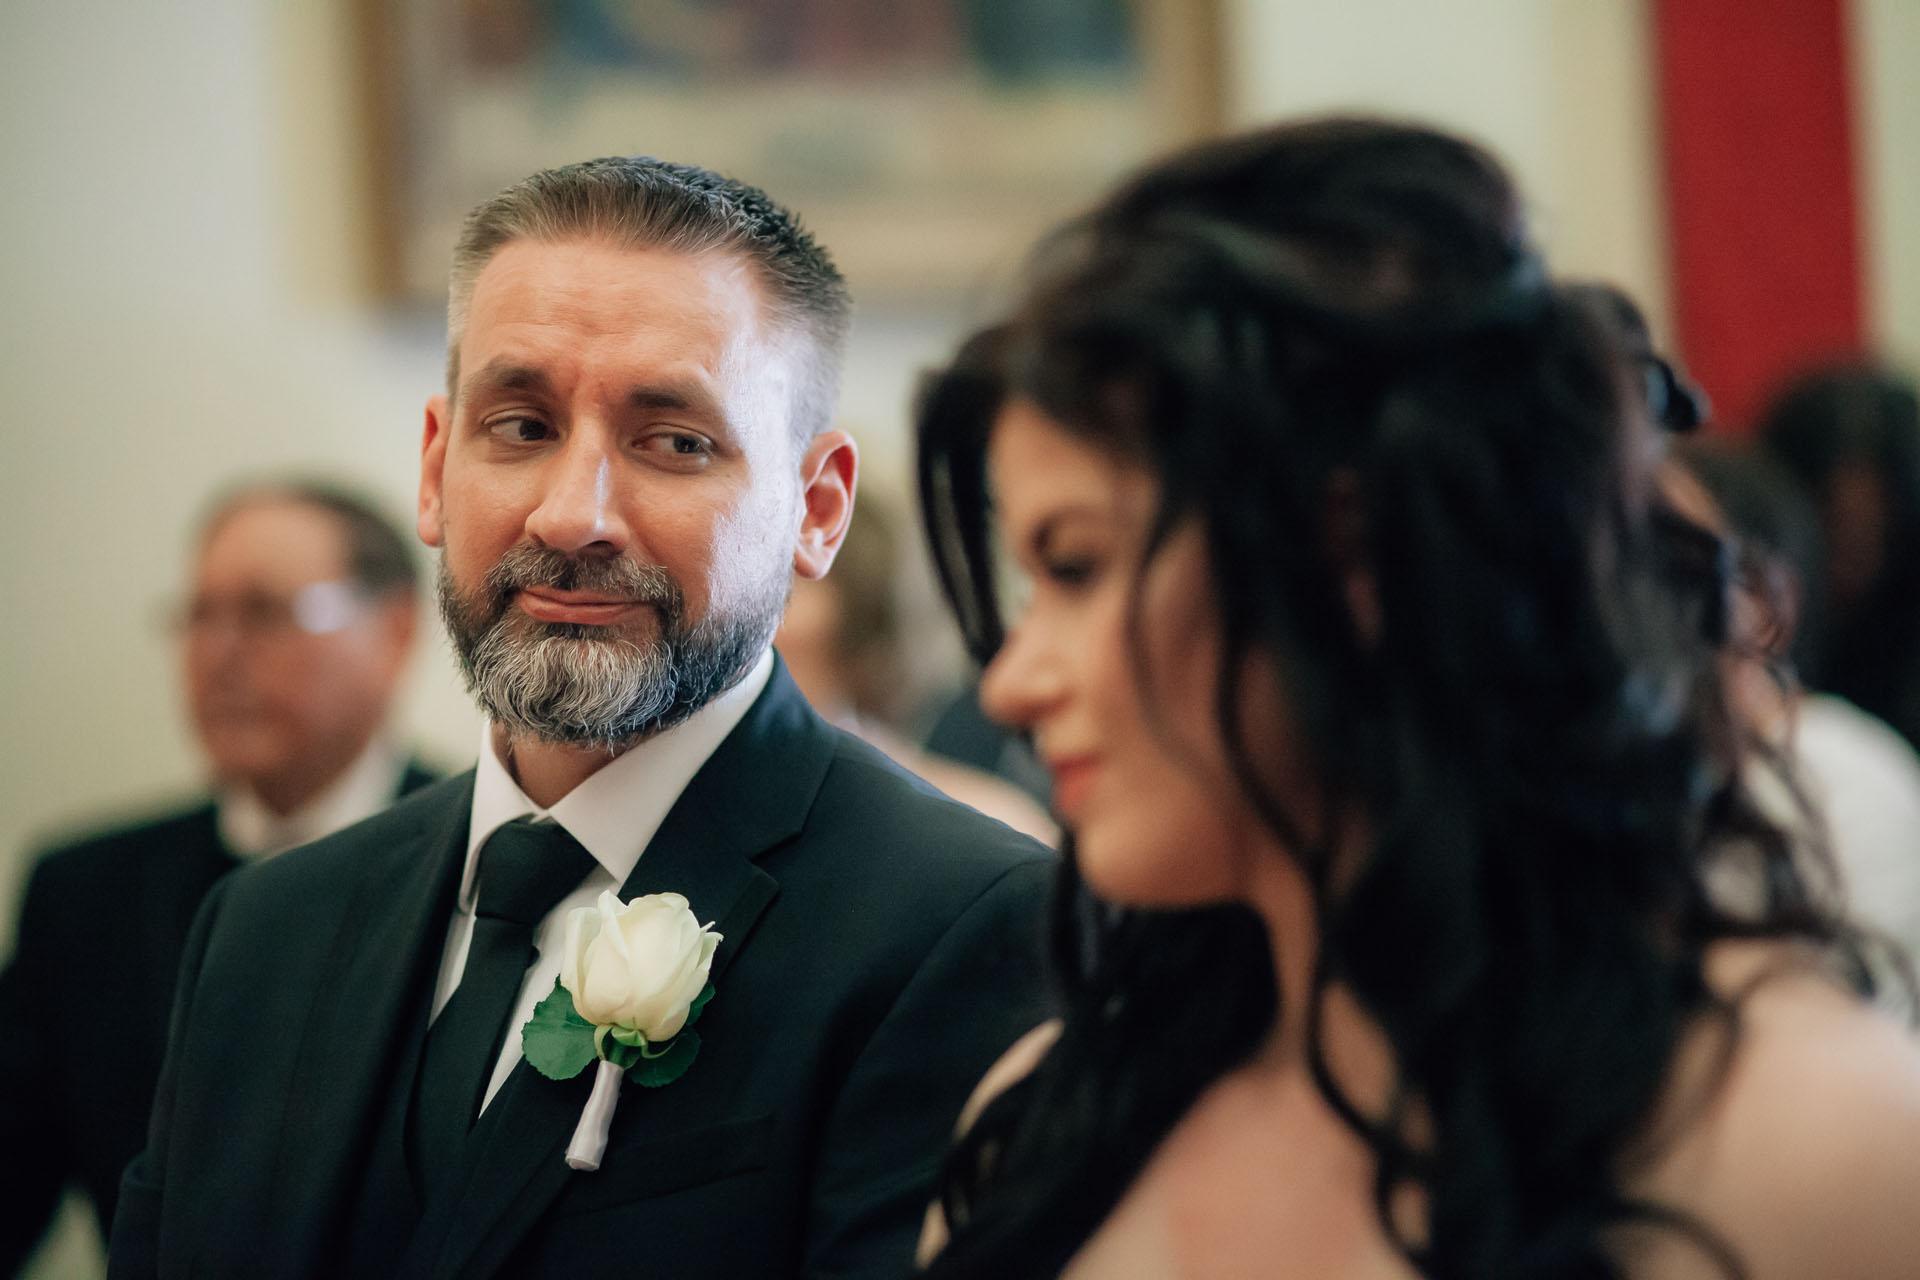 Jessica-Jason-Sguardo-Innamorato-Weddingdestination-Storytelling-Renato-Zanette-Fotografo-Convento-San-Francesco-Conegliano-Treviso-Veneto